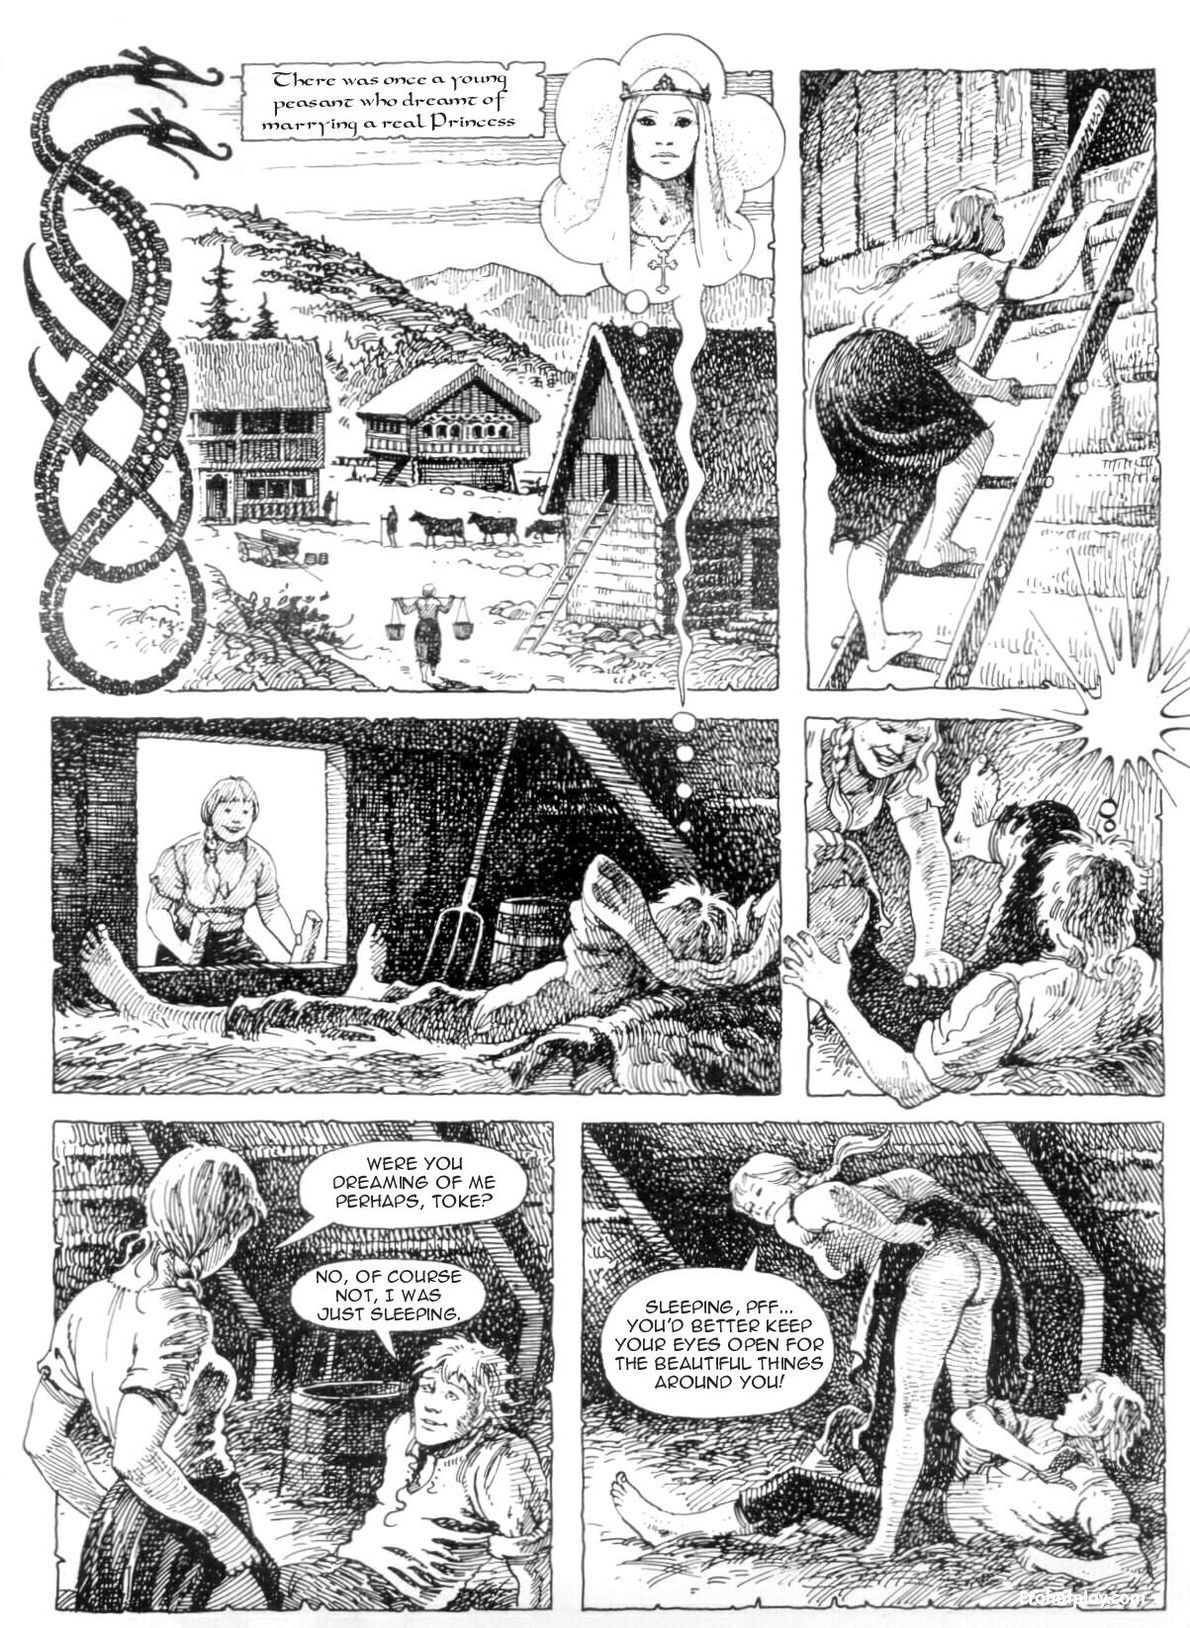 Порно комиксы на английском